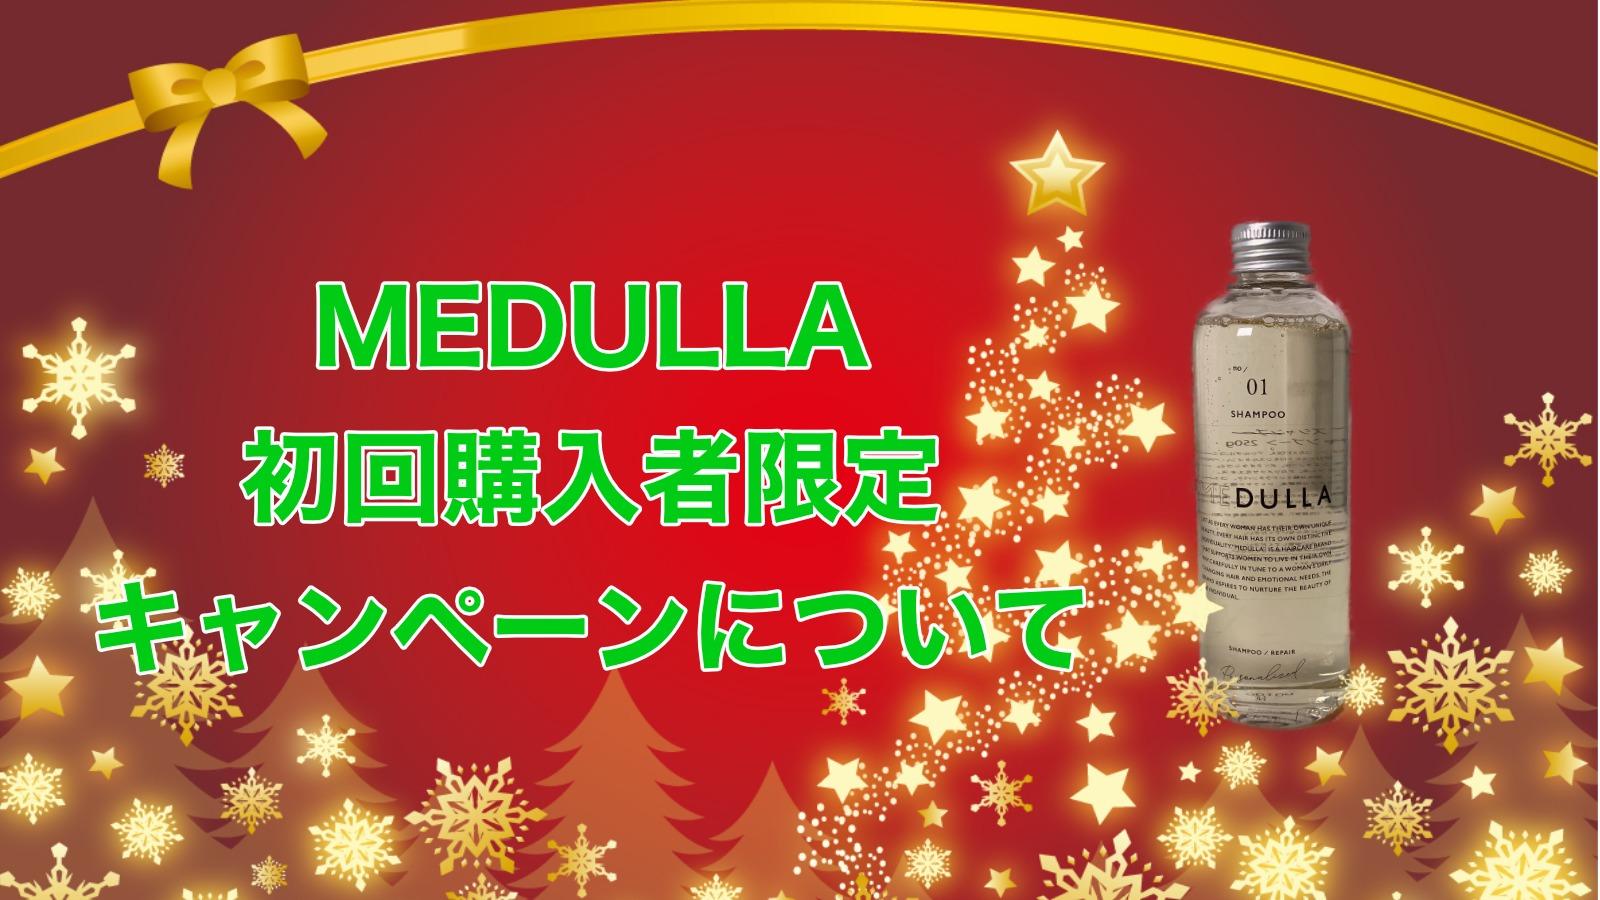 【キャンペーン開催中】オーダーメイドシャンプーMEDULLA(メデュラ)がおすすめな理由